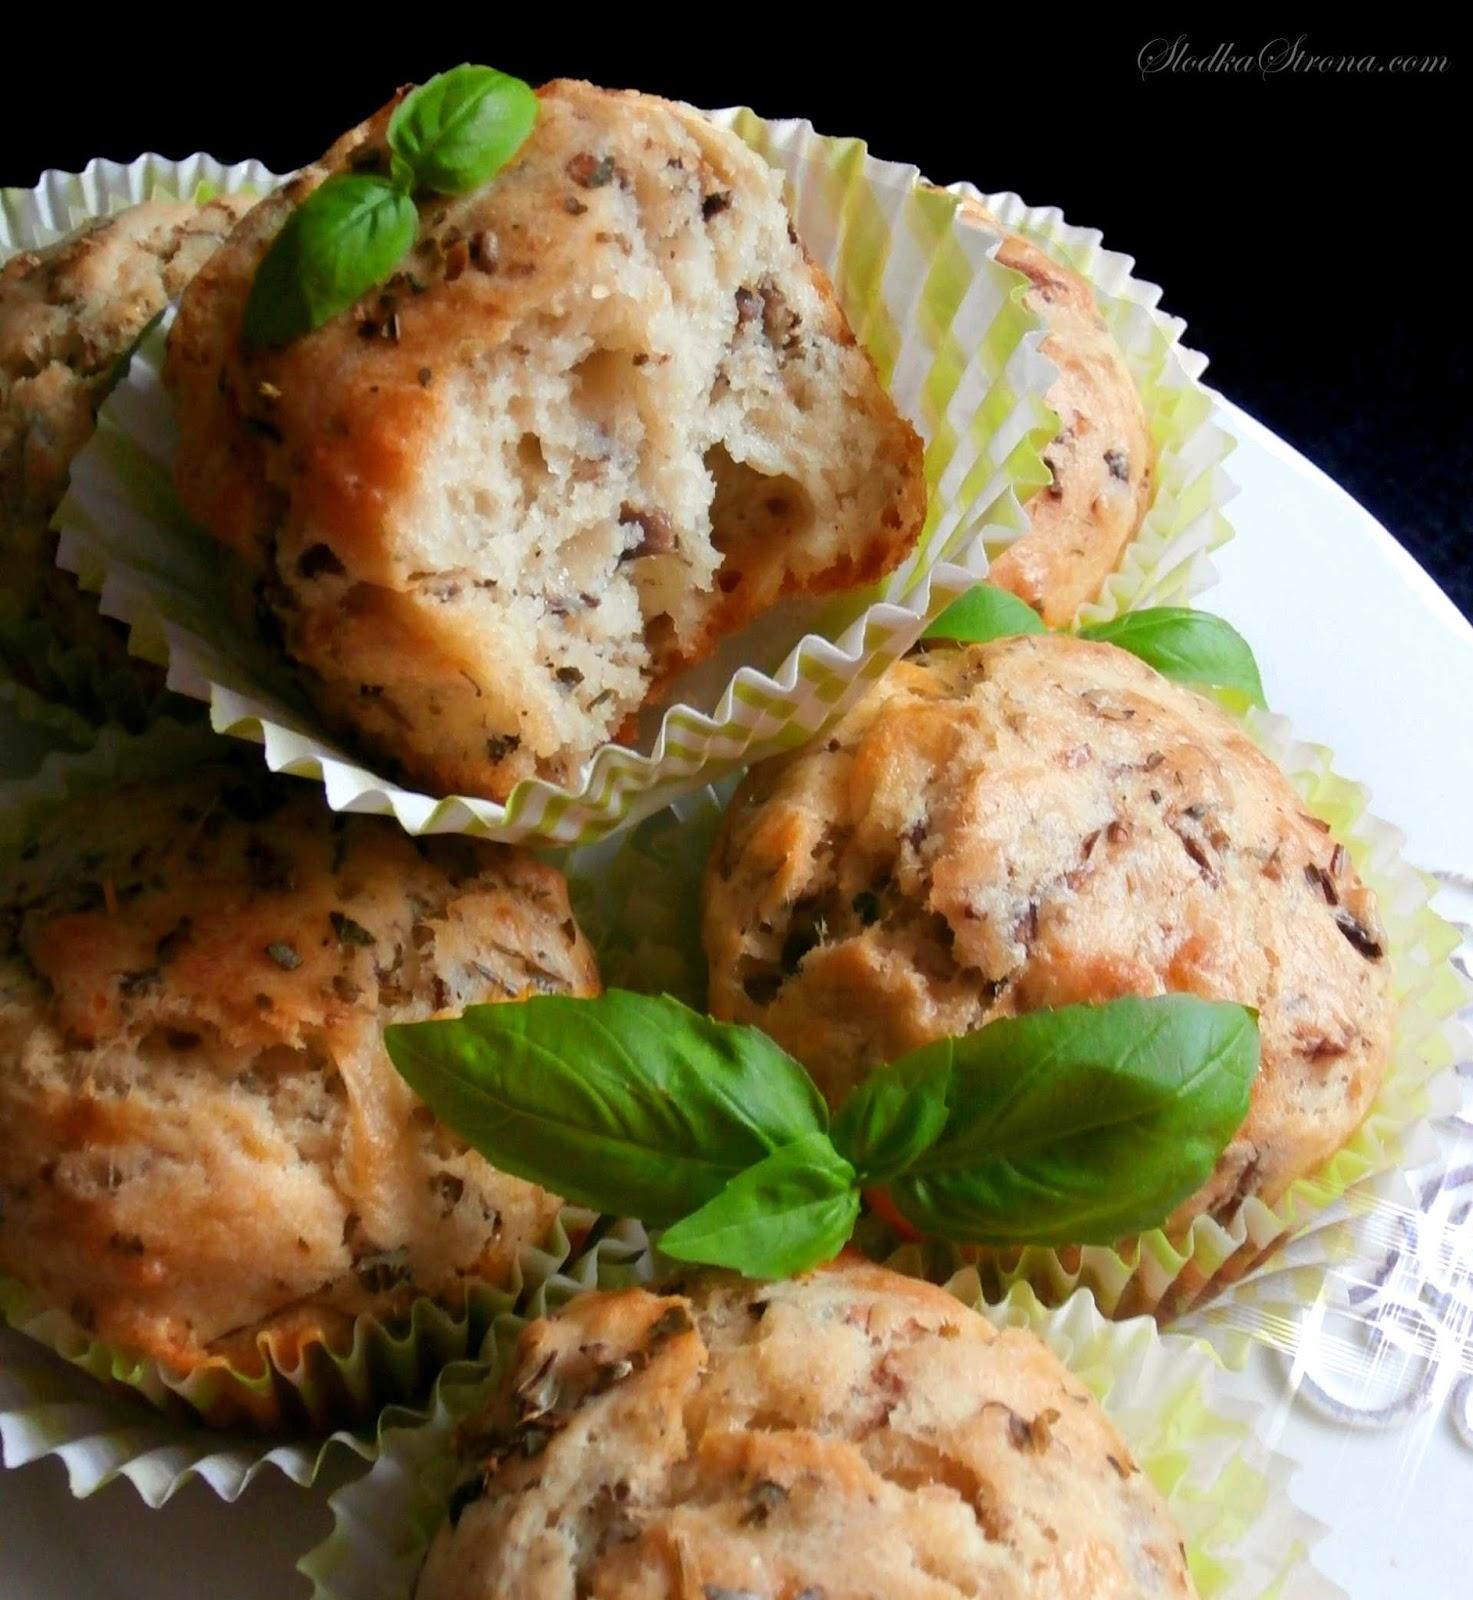 Muffiny z Pieczarkami i Serem - Przepis - Słodka Strona